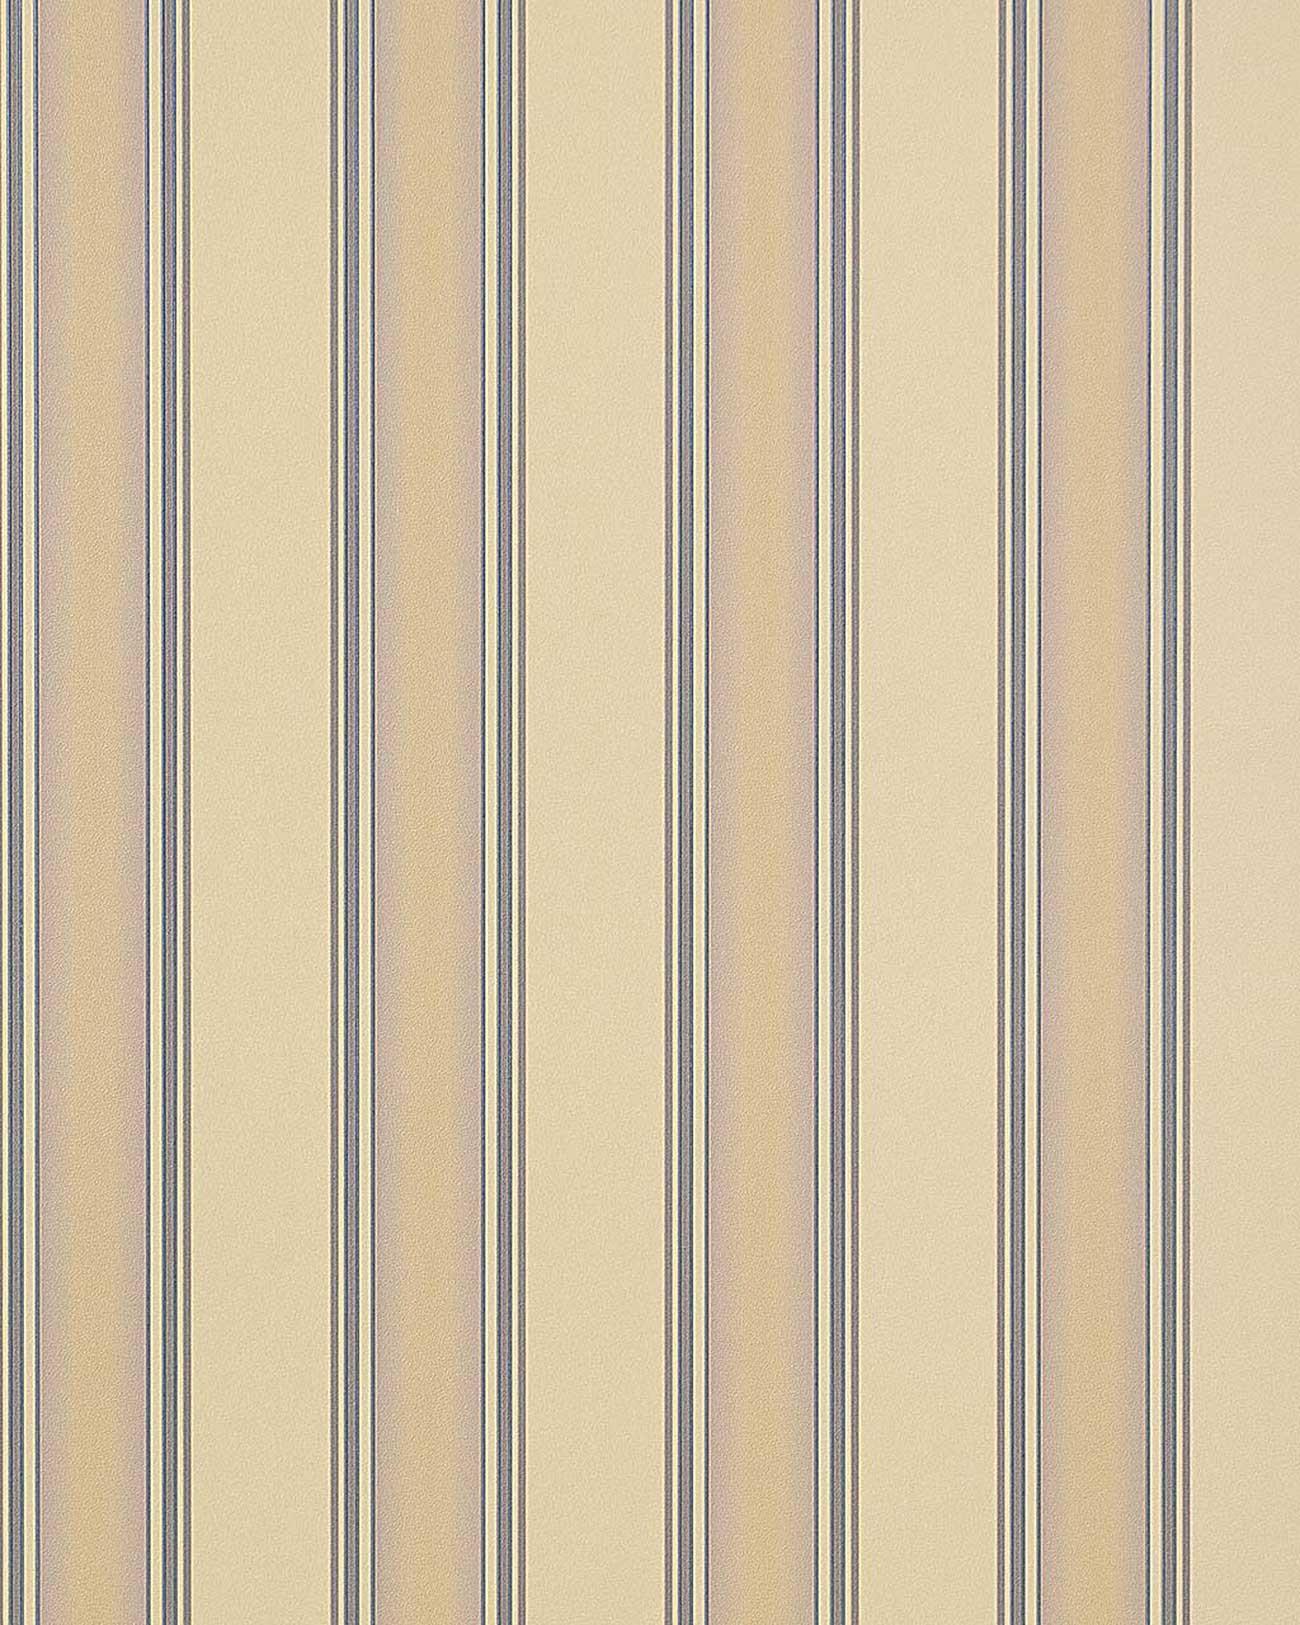 Tapeten Streifen Pastell : Floral Pastel Stripe Background